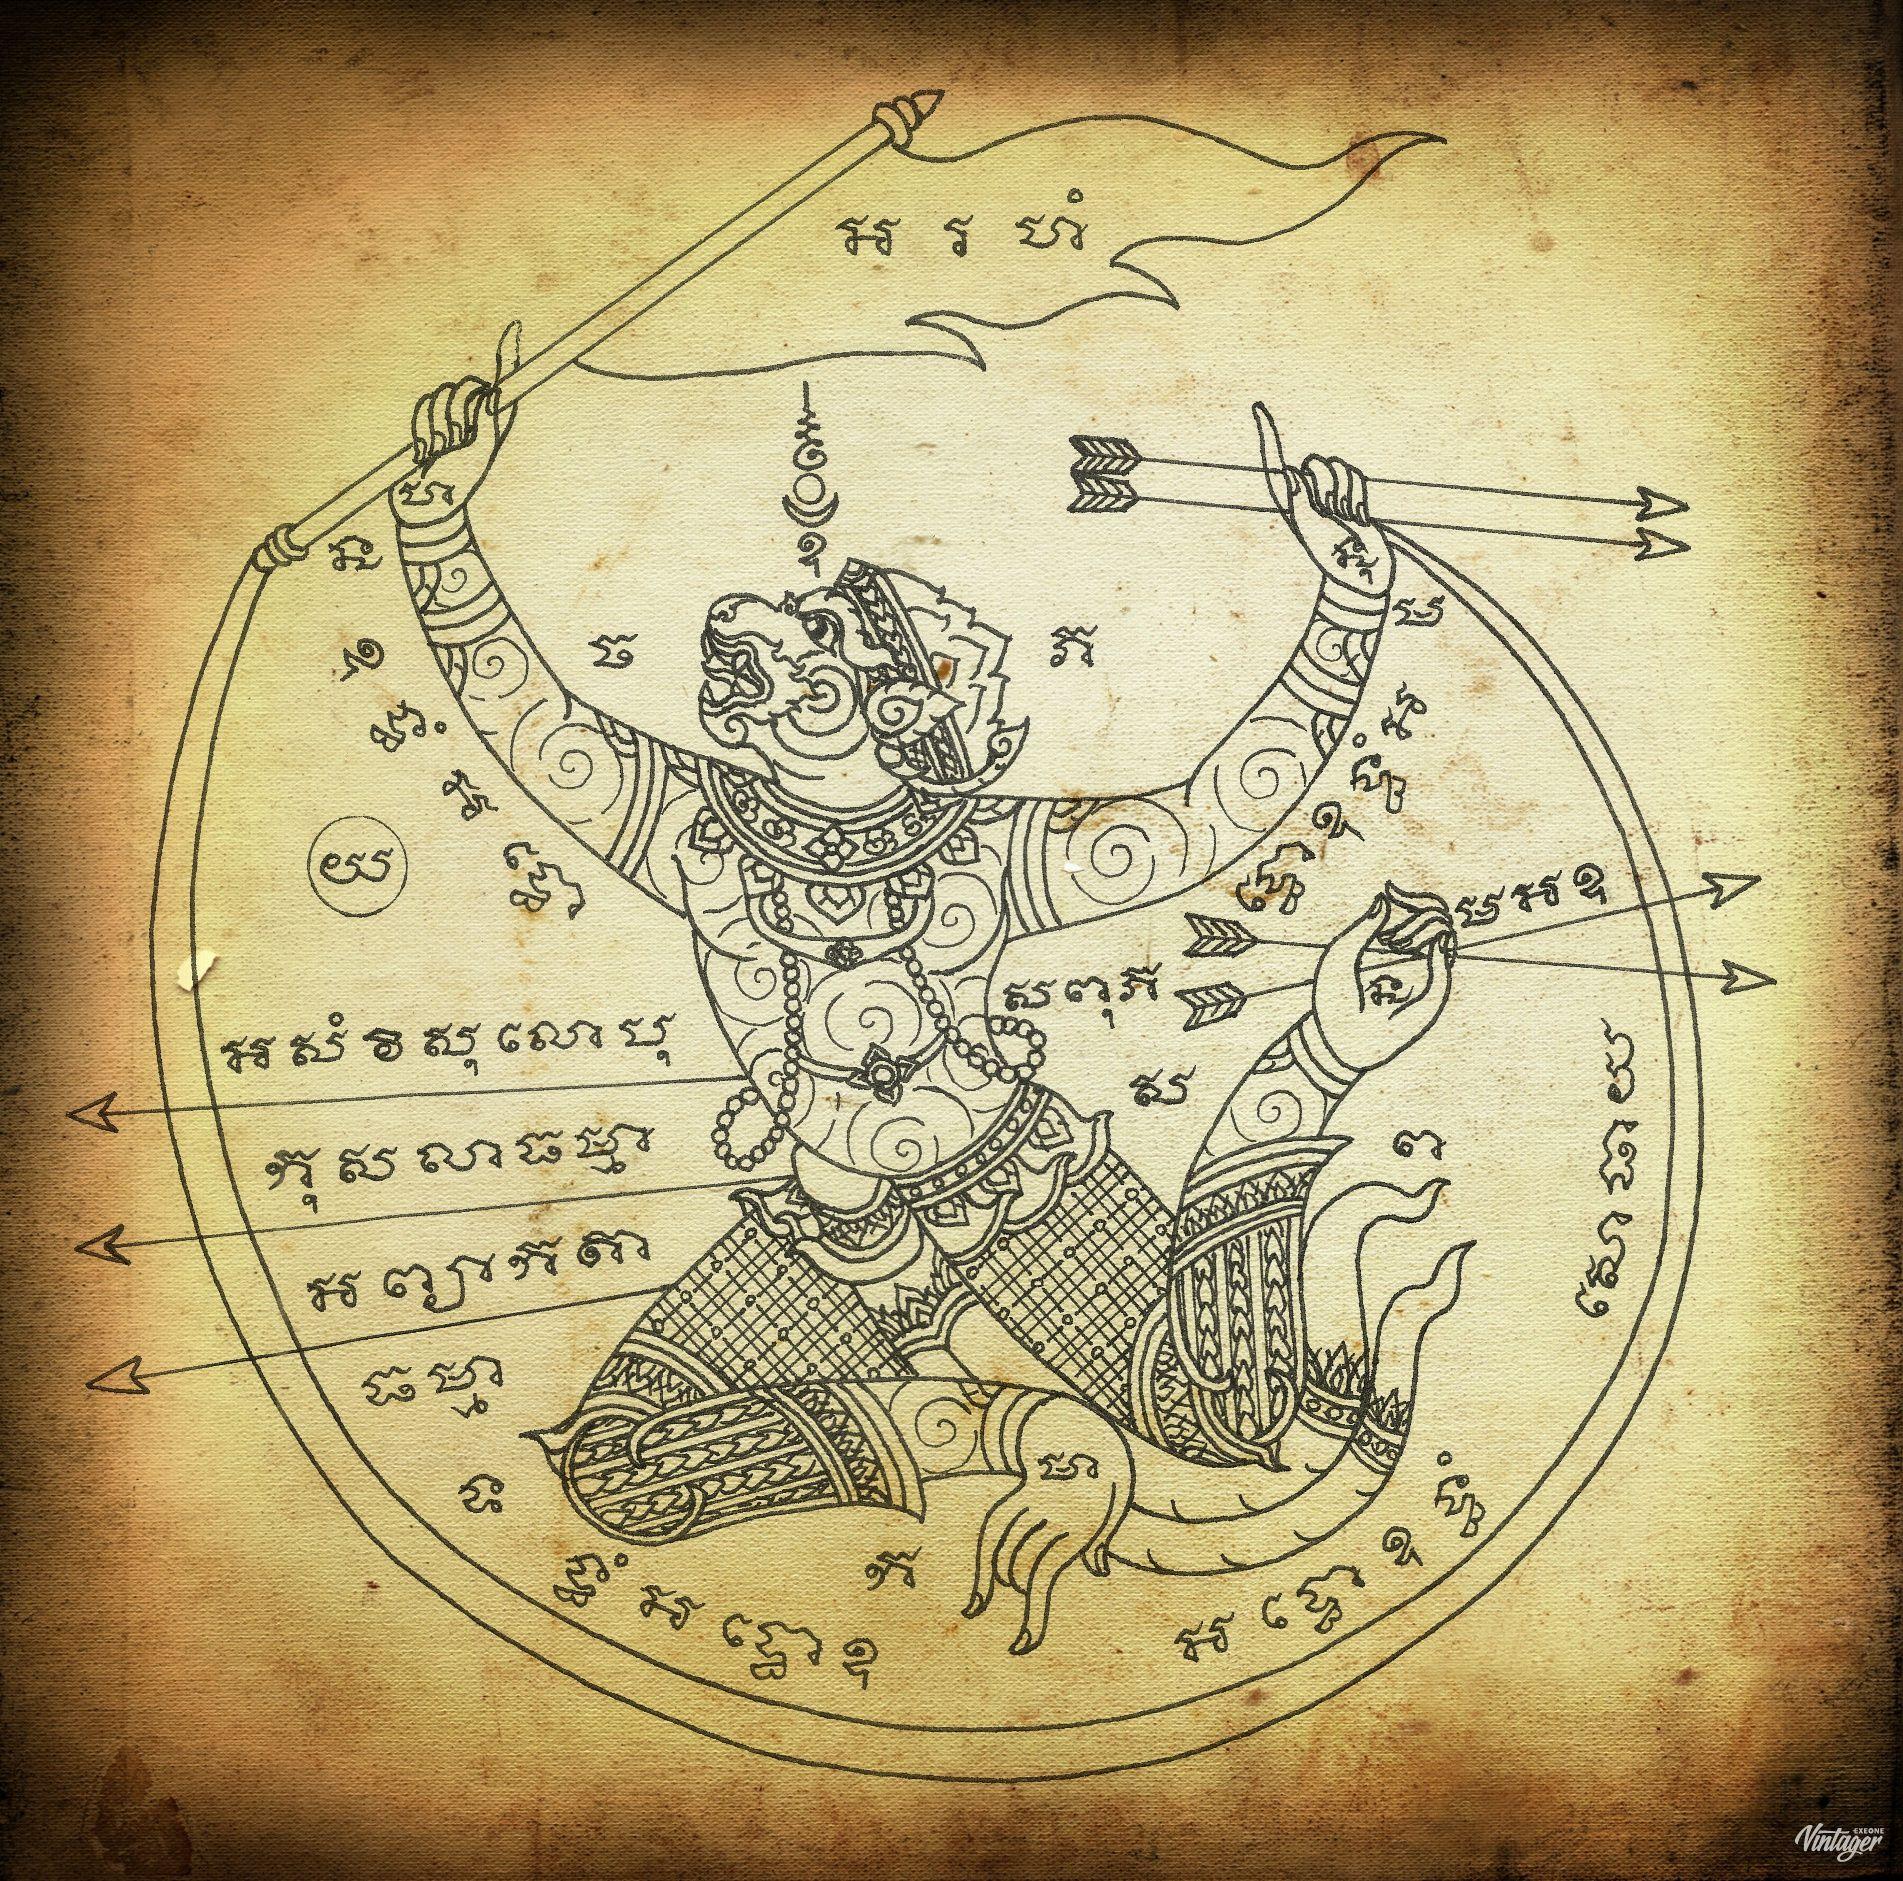 ย นต หน มานเช ญธง Yantra Hanuman การออกแบบรอยส ก รอยส ก รอยส กแบบด งเด ม